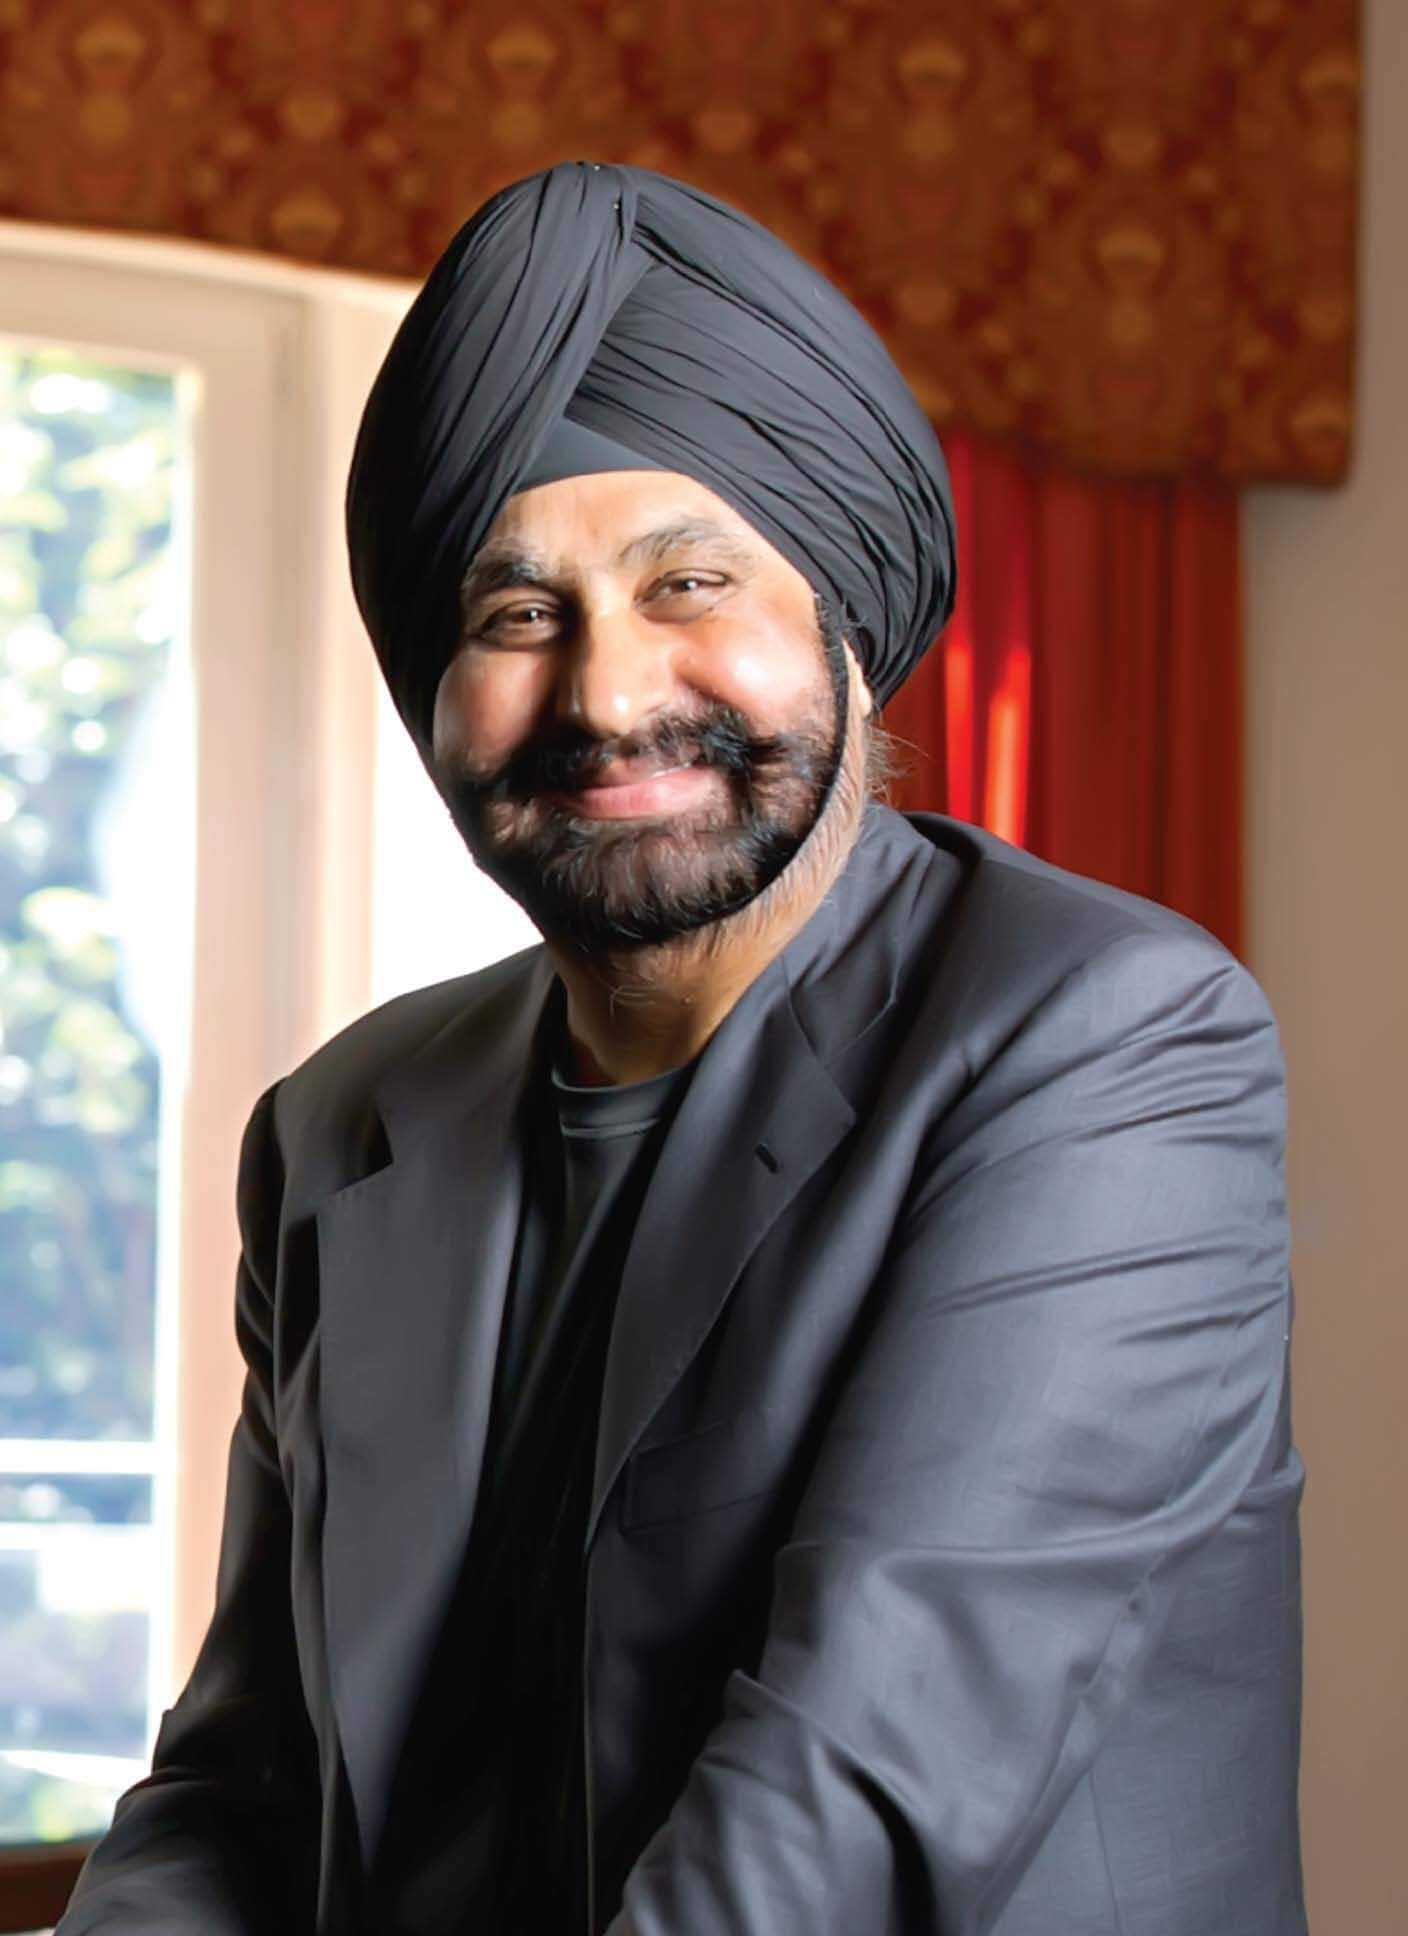 Navdeep Singh Bhatia